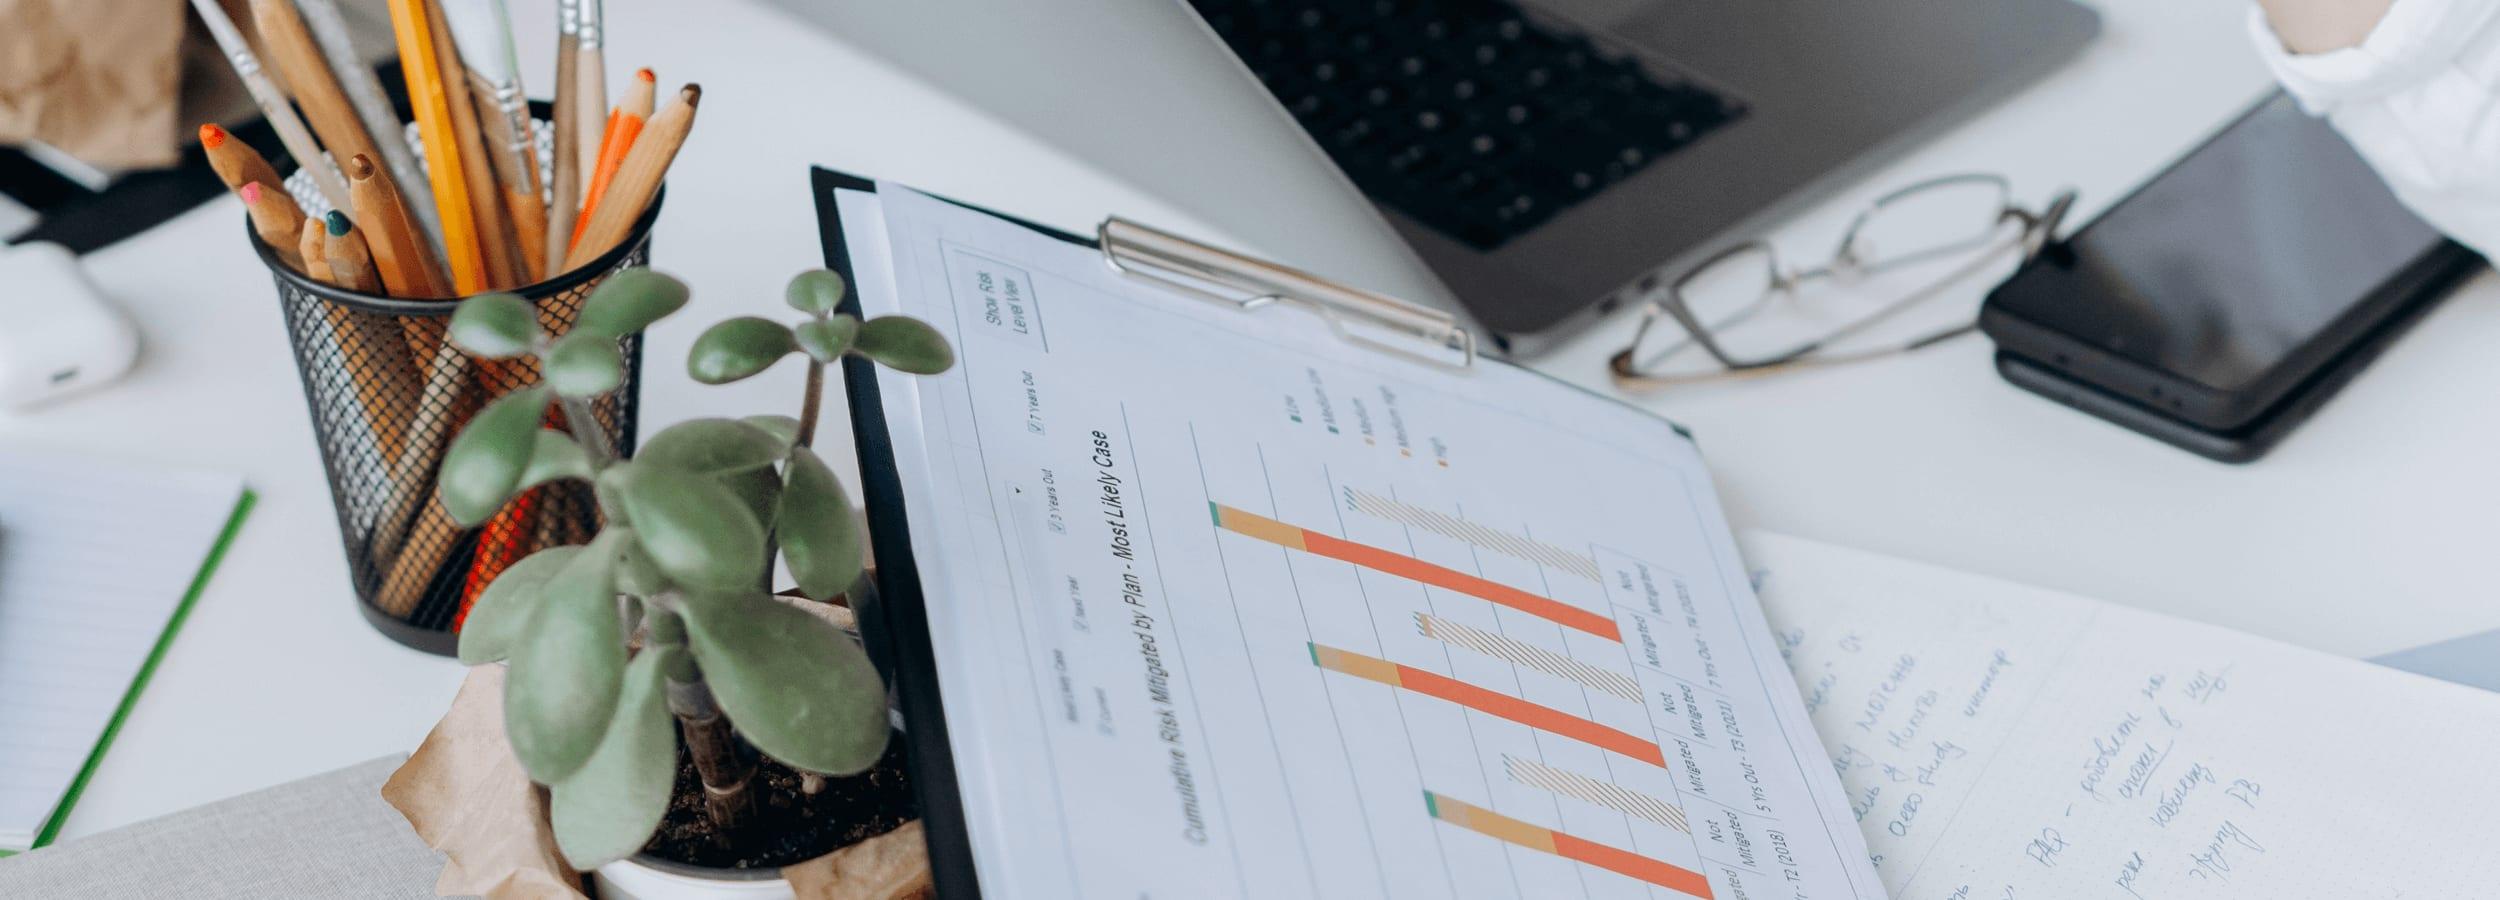 À la suite de chaque exercice comptable, l'entreprise produit ses états financiers annuels.